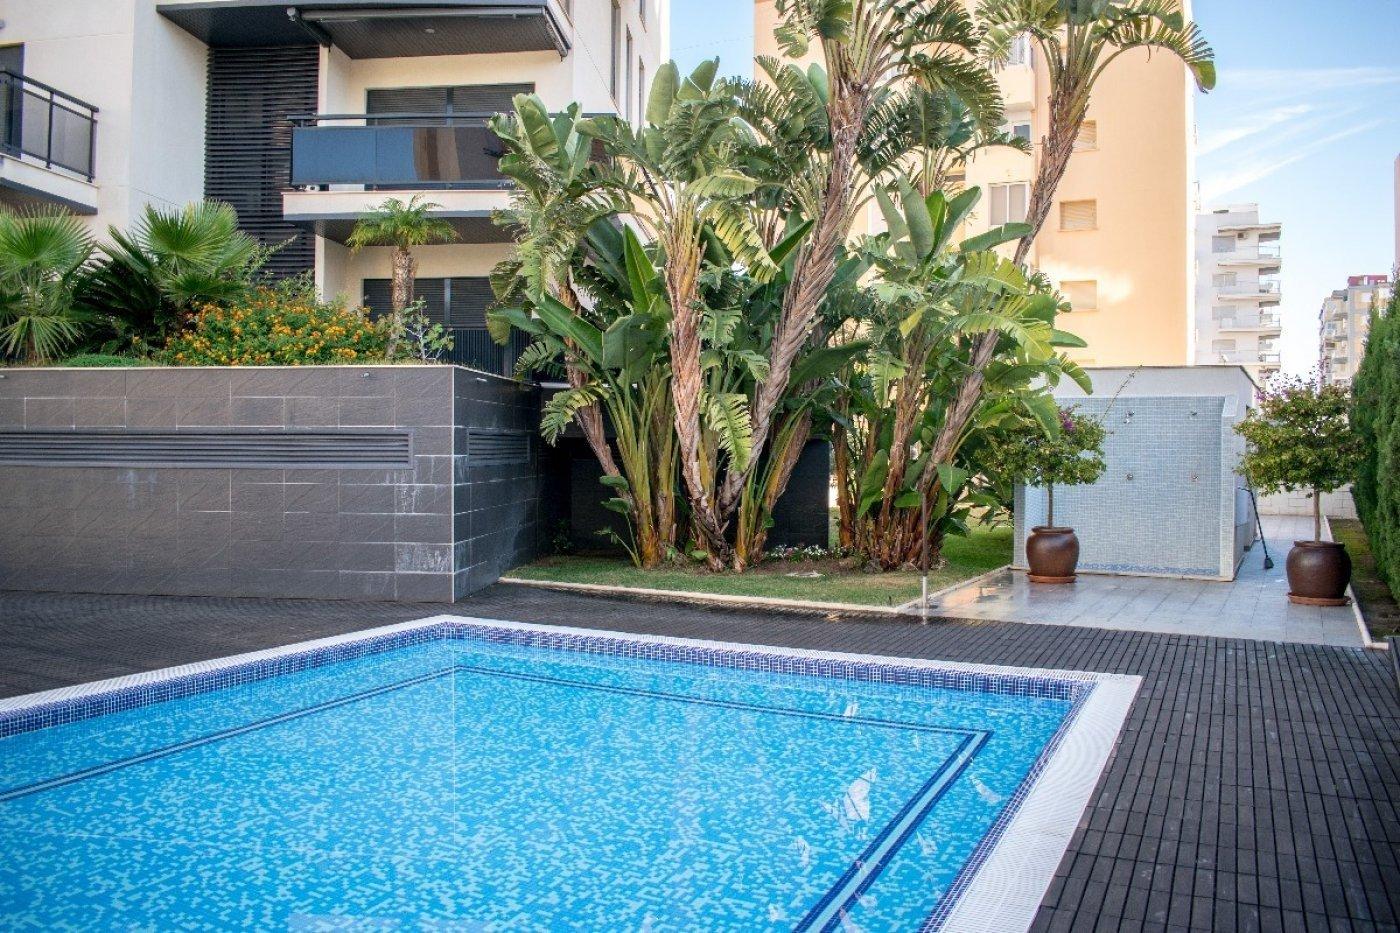 Apartamento en playa de gandia con piscina comunitaria y garaje incluido - imagenInmueble23